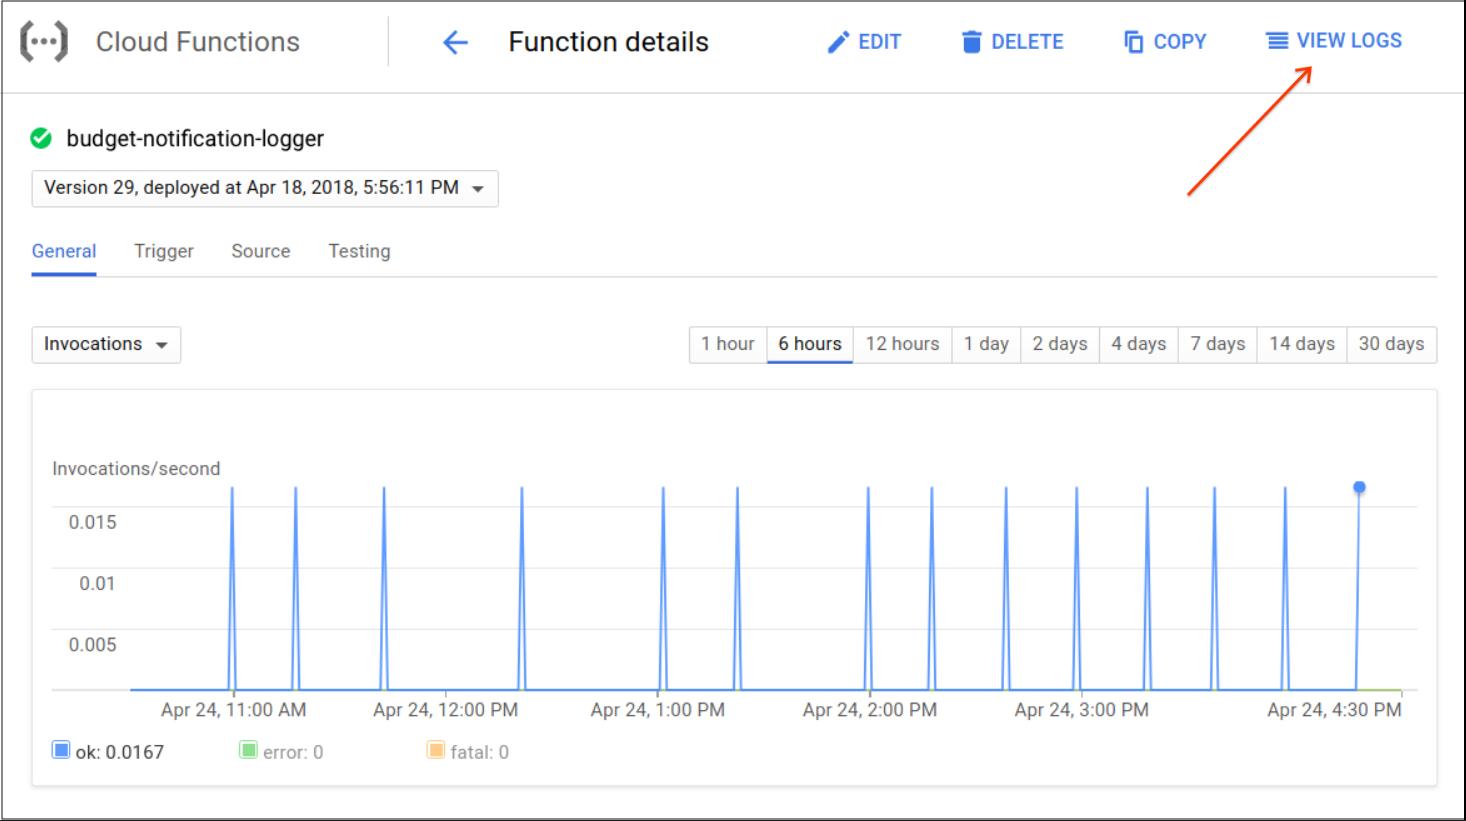 此外,还显示了在屏幕上查看日志的位置以及 Cloud Console 中的 Cloud Functions 函数事件列表。